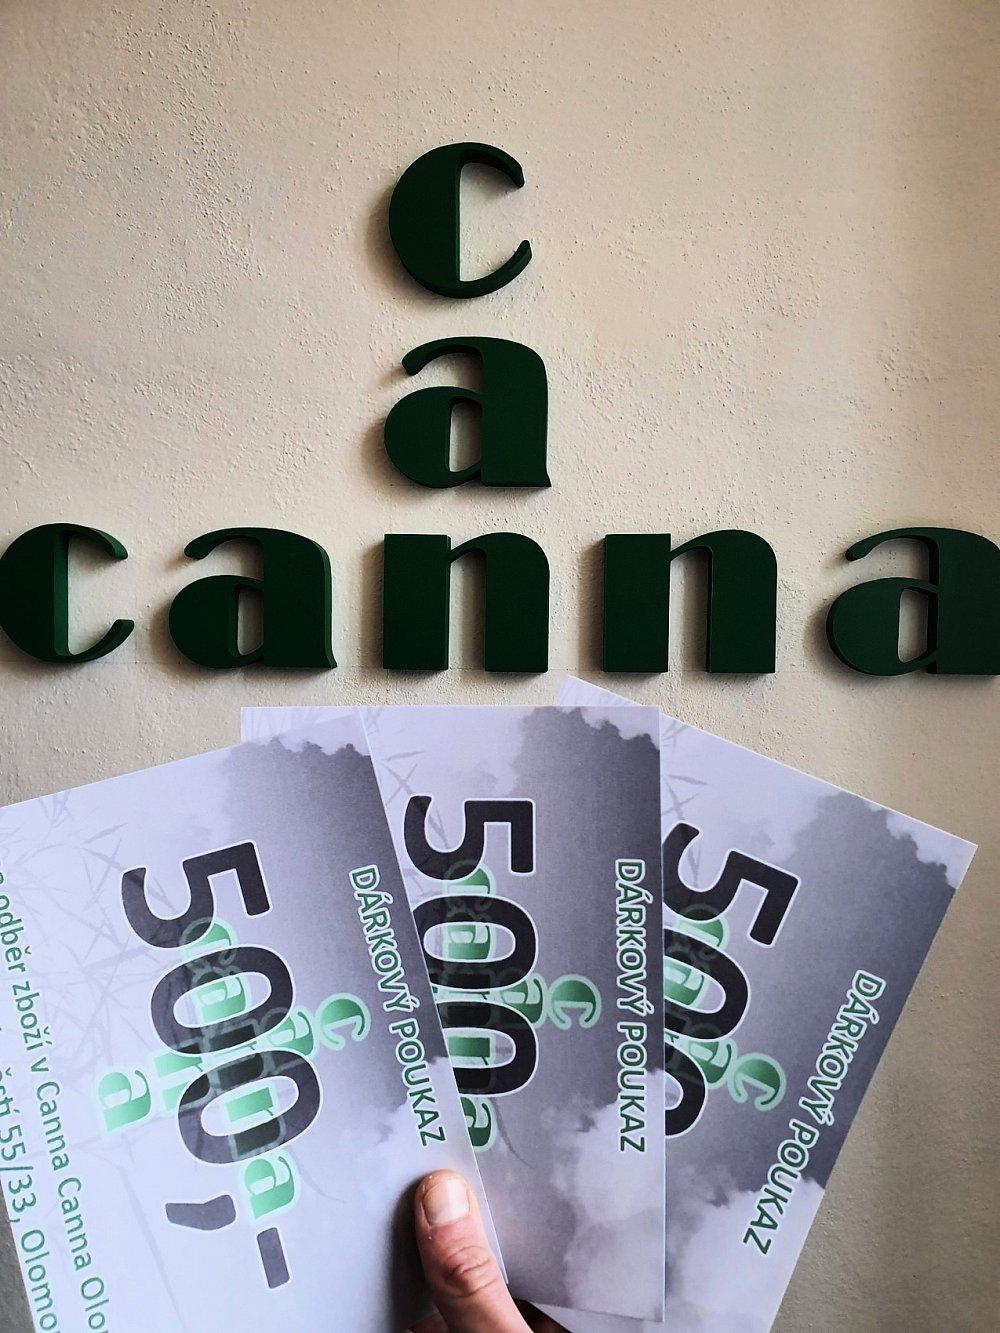 Soutěž o 3x voucher na 500 Kč do Canna Canna v Olomouci!